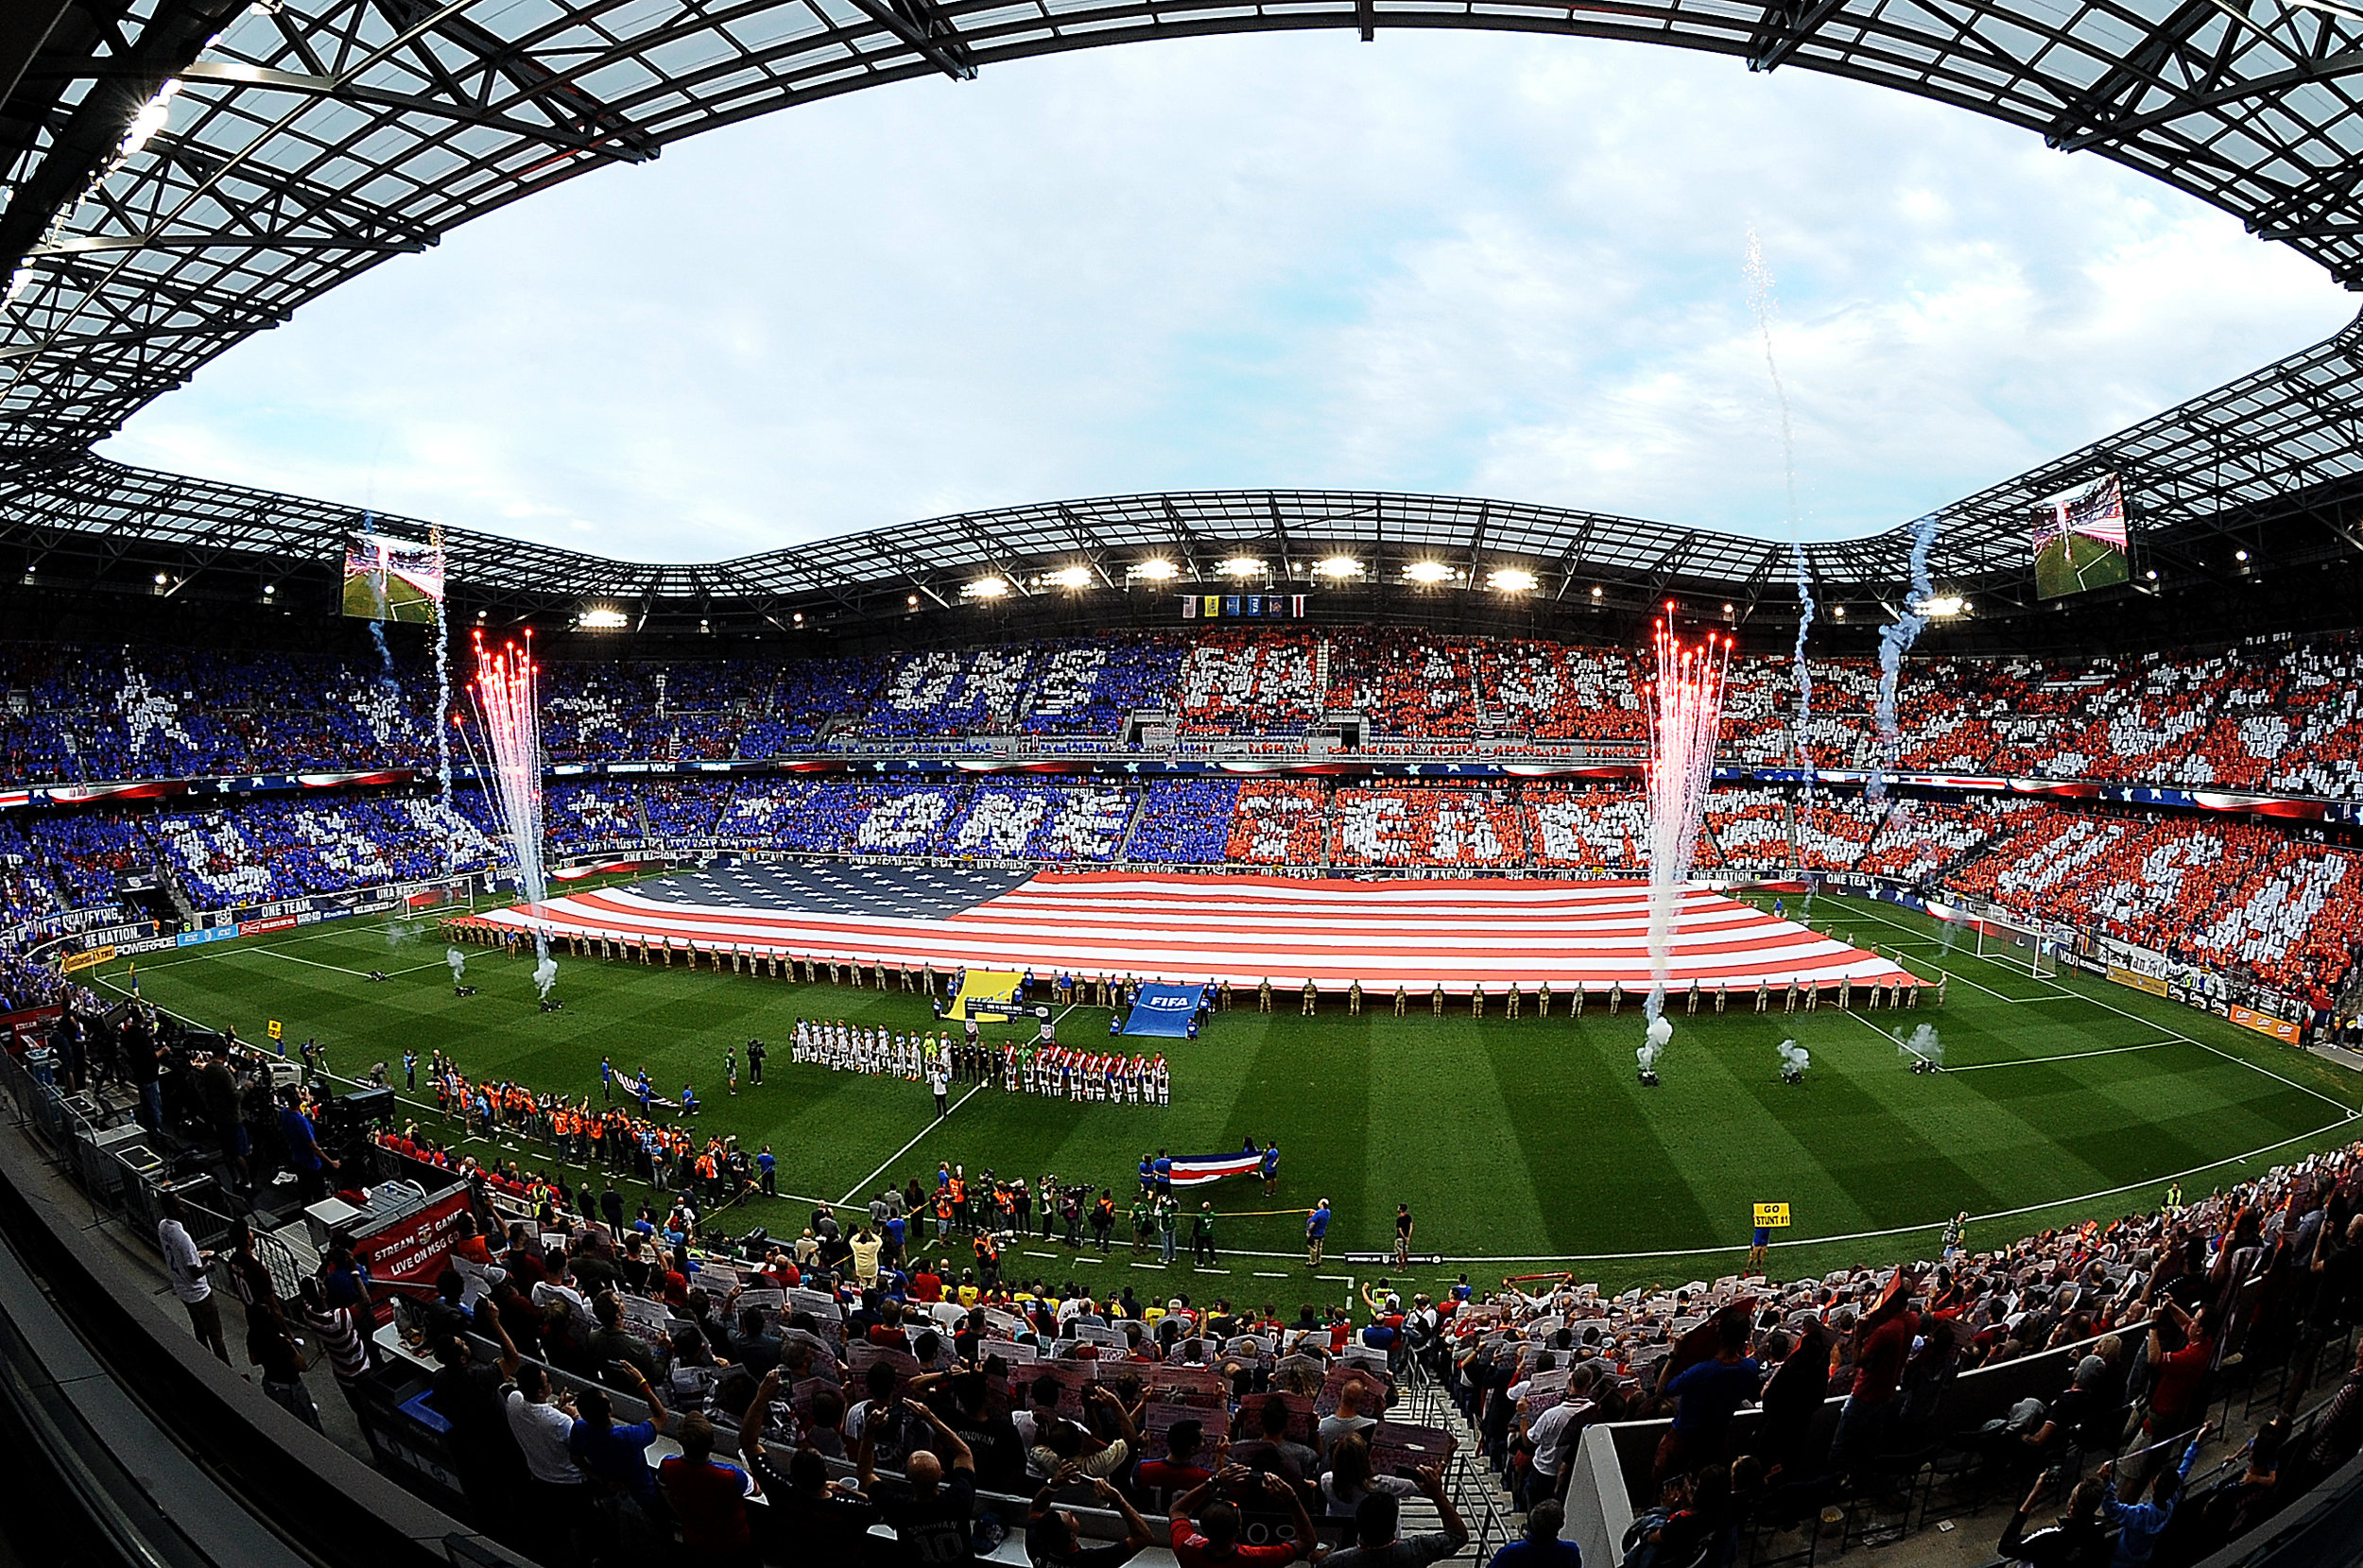 us_soccer_images_035_1.jpg